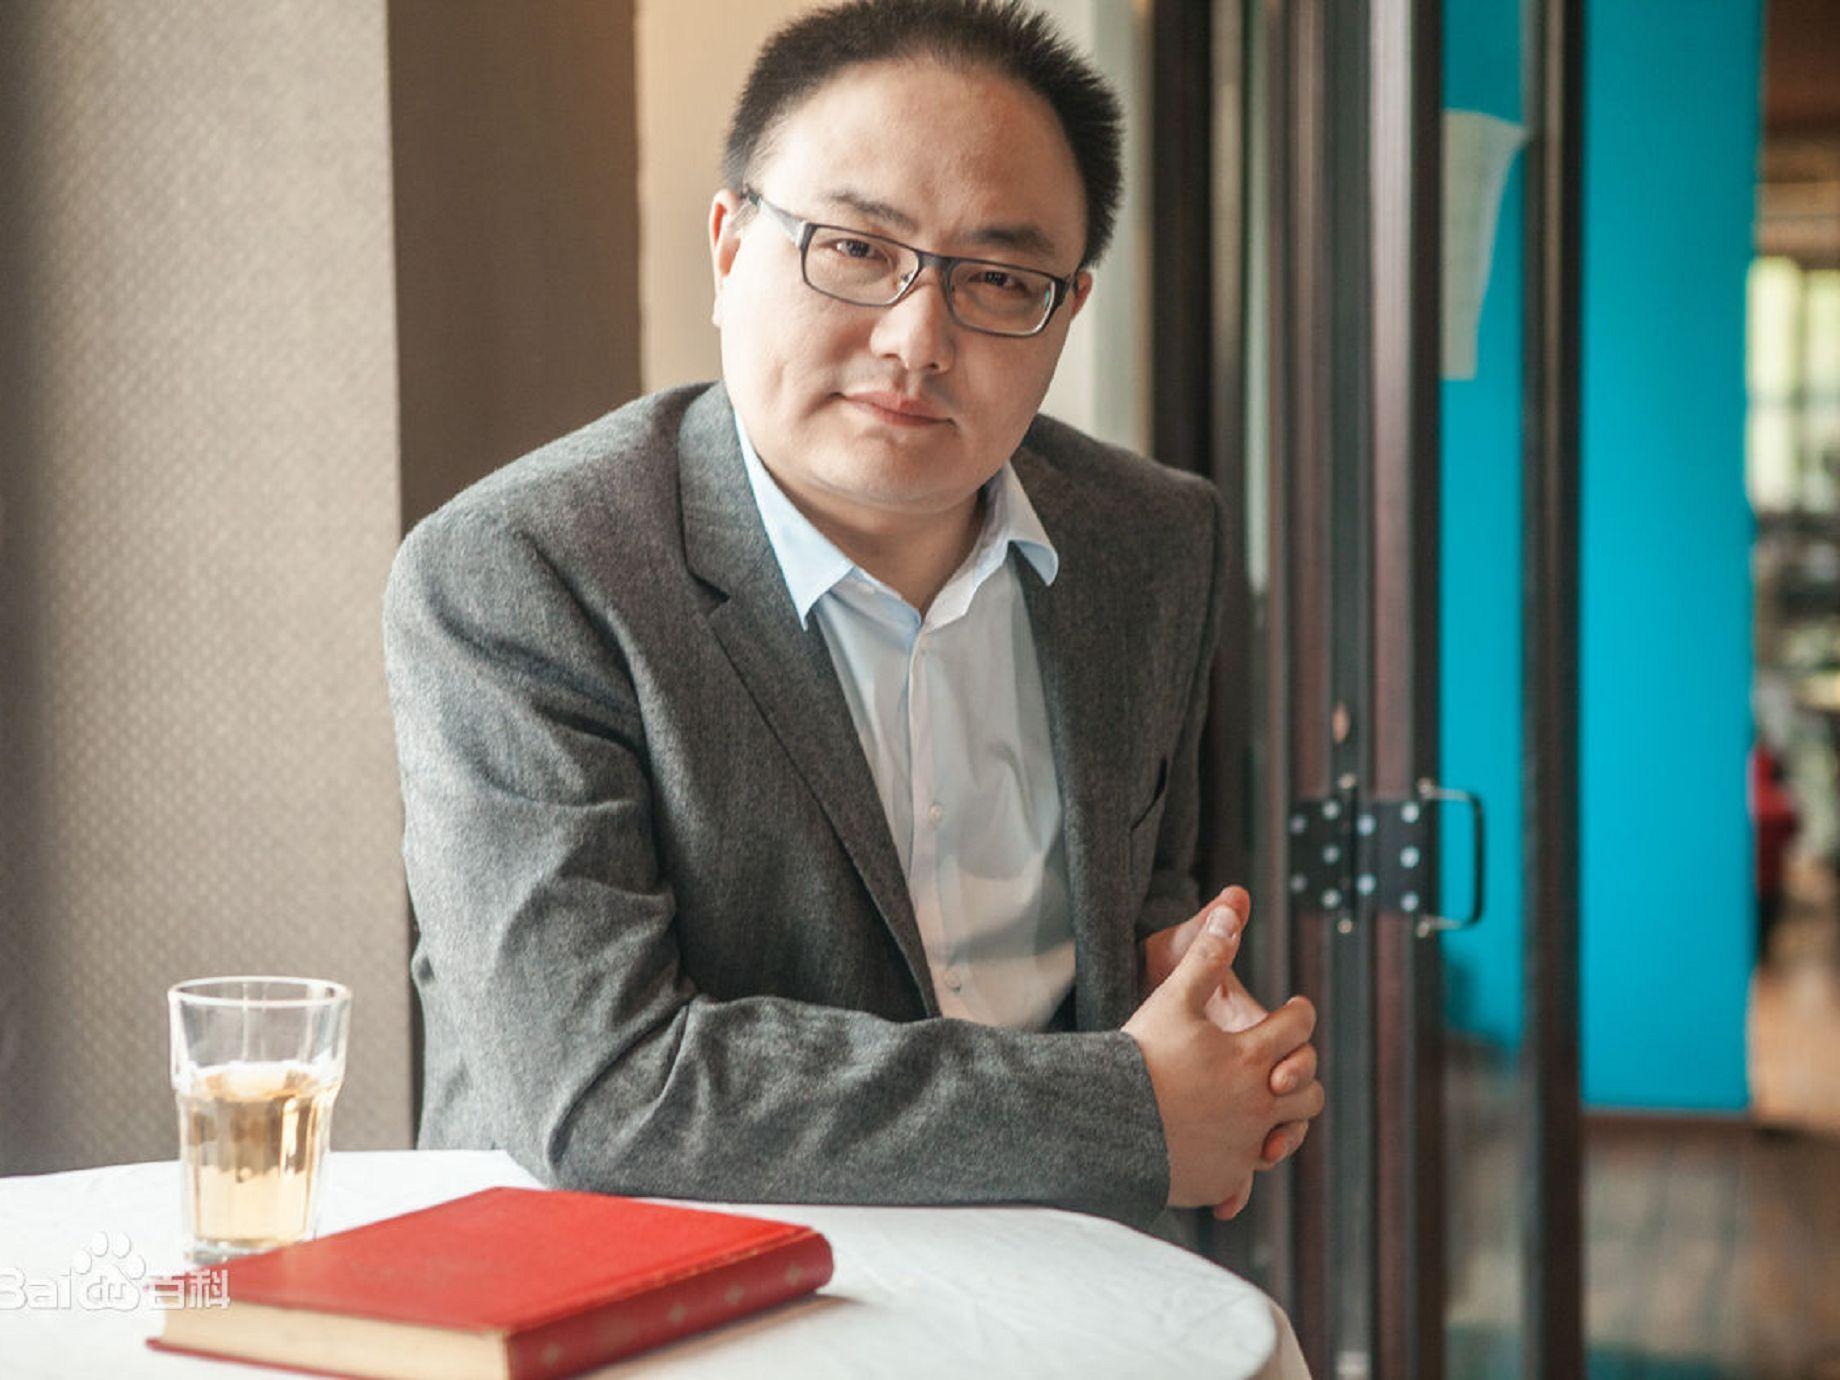 中國最紅的「知識型網紅」羅胖(羅輯思維),在台灣可以被複製嗎?